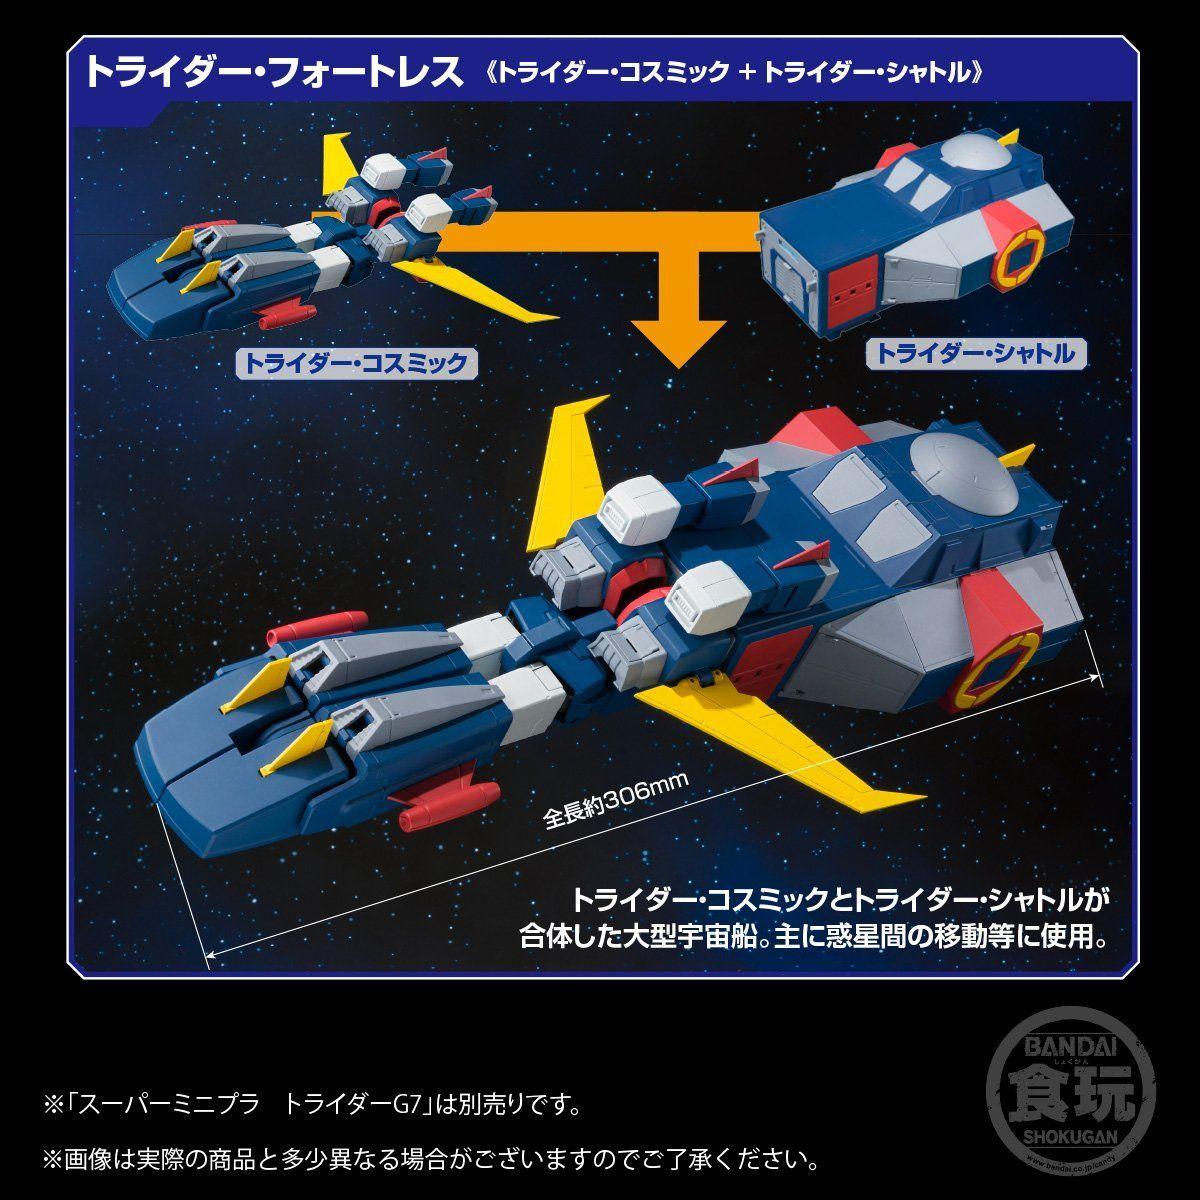 【食玩】スーパーミニプラ『無敵ロボ トライダーG7』3個入りBOX-014